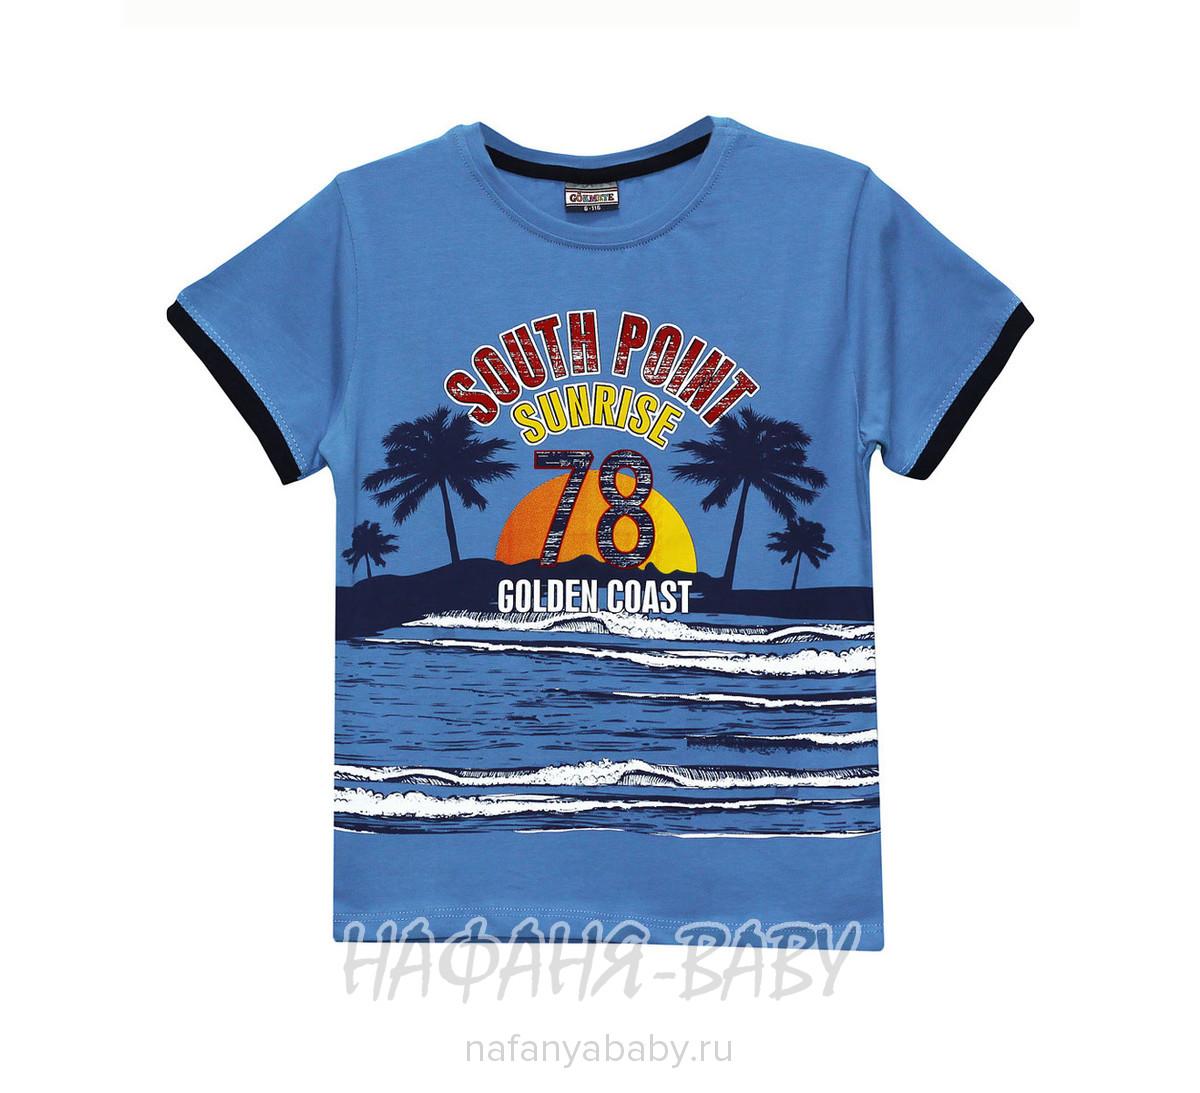 Детская футболка GOKMETE арт: 7866, 5-9 лет, цвет лазурный, оптом Турция